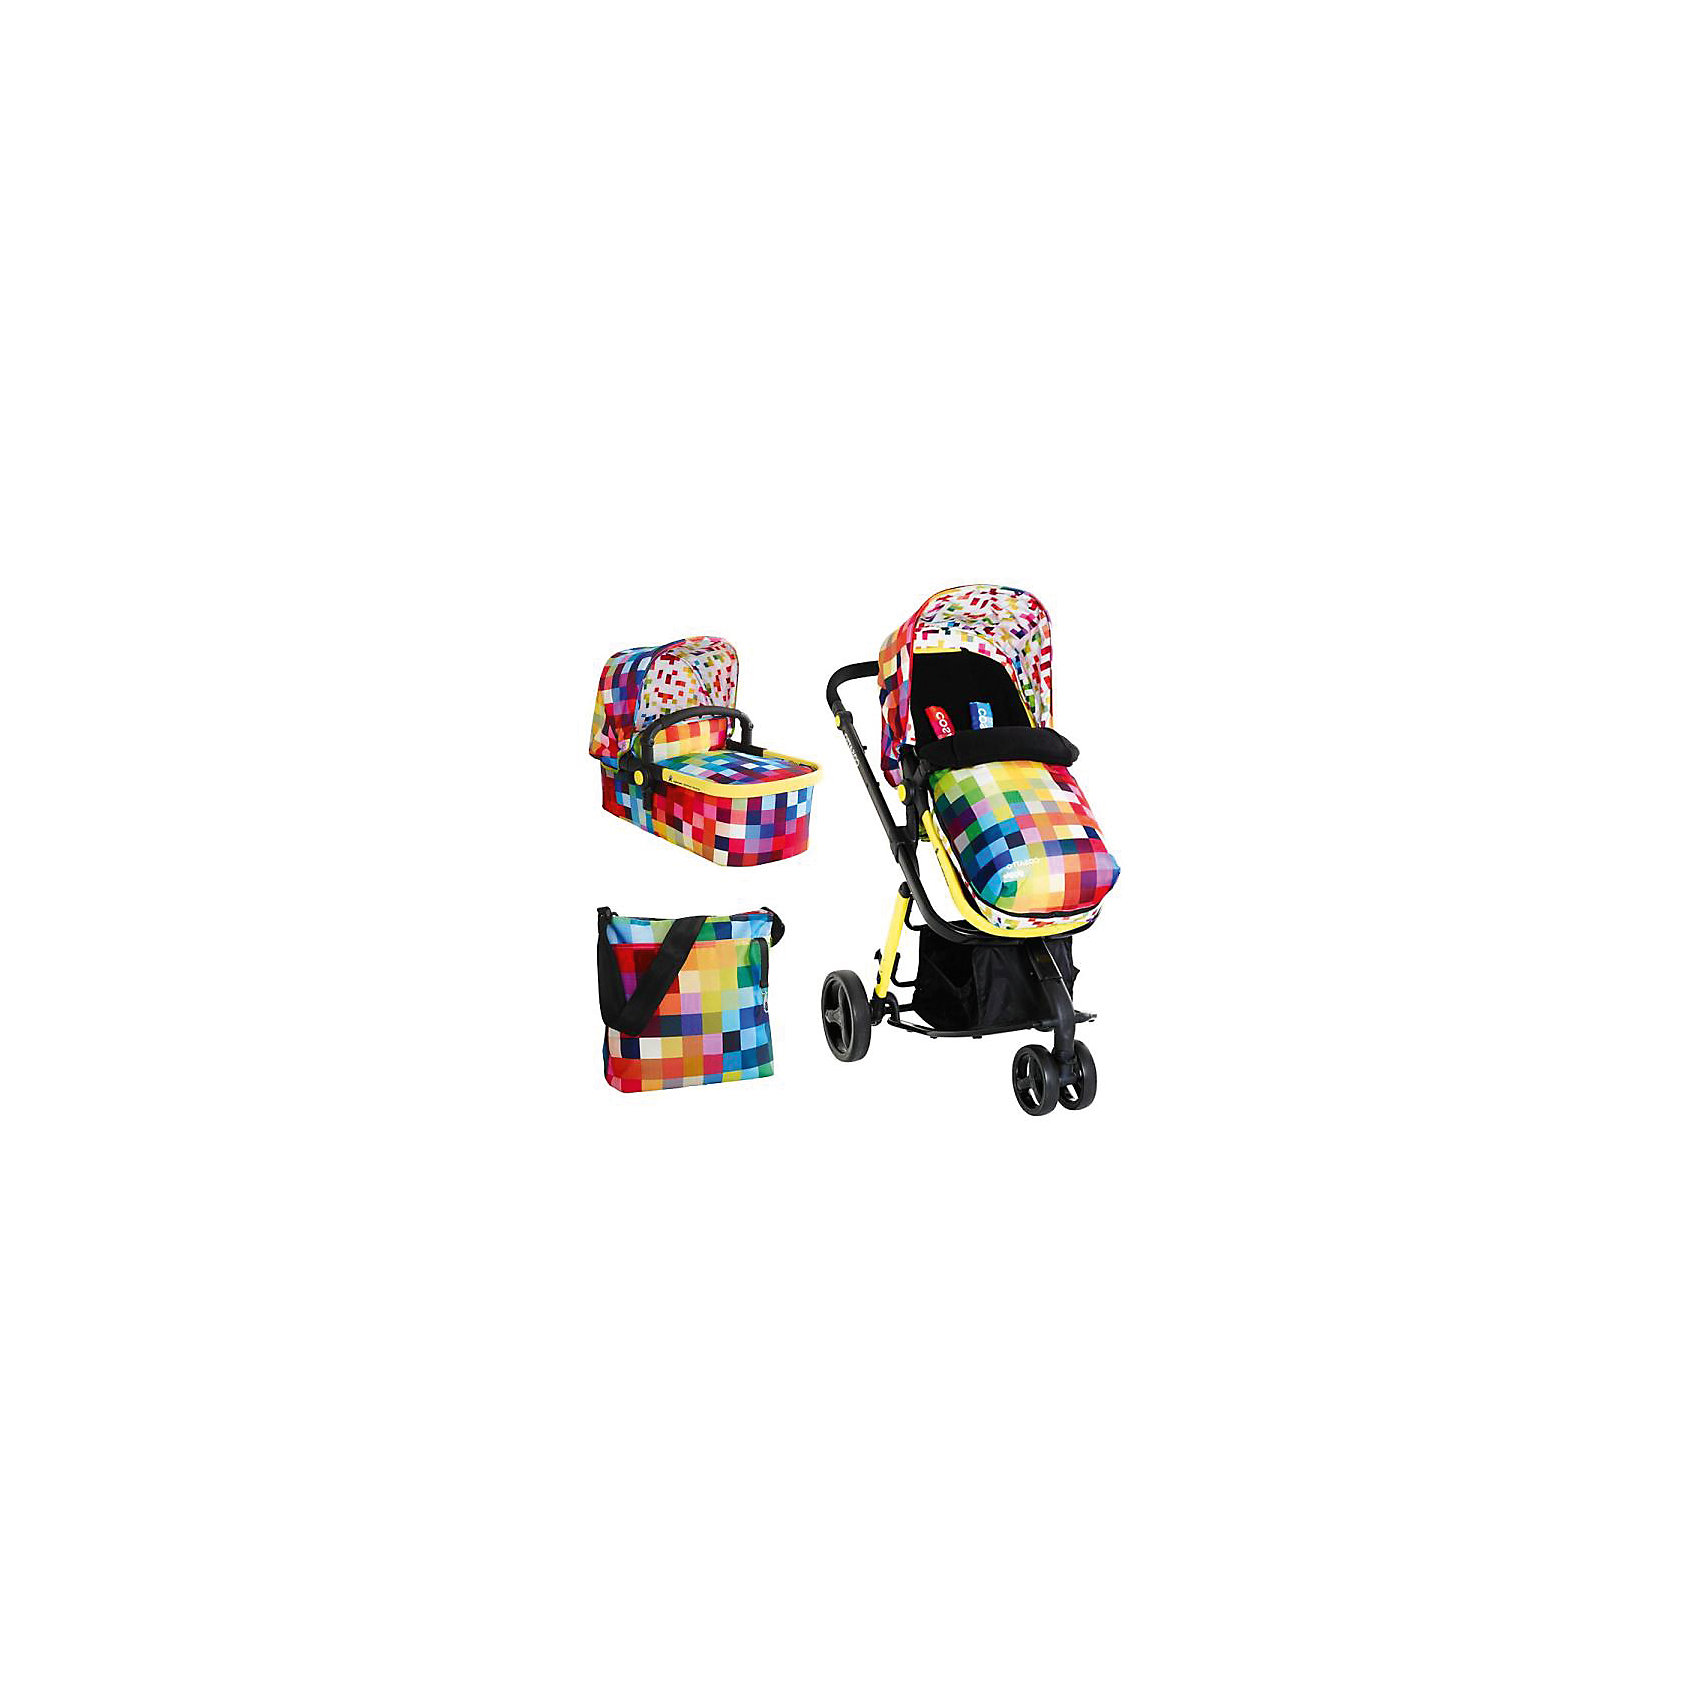 Коляска 2 в 1 Giggle 2, Cosatto, PixelateУдобная коляска – находка для родителей. Кроме функциональности коляски и ее прямого назначения родители обращают внимание на внешний вид. Коляска из новой коллекции – уникальная модель, совмещающая в себе стильный дизайн и множество функций одновременно. Все материалы, использованные при изготовлении аксессуара, безопасны и отвечают требованиям по качеству продукции.<br><br>Дополнительные характеристики: <br><br>цвет: Pixelate;<br>возраст: 0-3 года;<br>регулировка спинки;<br>габариты: 85 х 39 см;<br>комплектация: блок для прогулок, люлька, бампер, складывающиеся шасси, защита от дождя и солнца, регулируемая ручка, сумка, чехол для ножек, матрас.<br><br>Коляску 2 в 1 Giggle 2 от компании Cosatto можно приобрести в нашем магазине.<br><br>Ширина мм: 1000<br>Глубина мм: 500<br>Высота мм: 400<br>Вес г: 20000<br>Возраст от месяцев: 0<br>Возраст до месяцев: 36<br>Пол: Унисекс<br>Возраст: Детский<br>SKU: 5025694